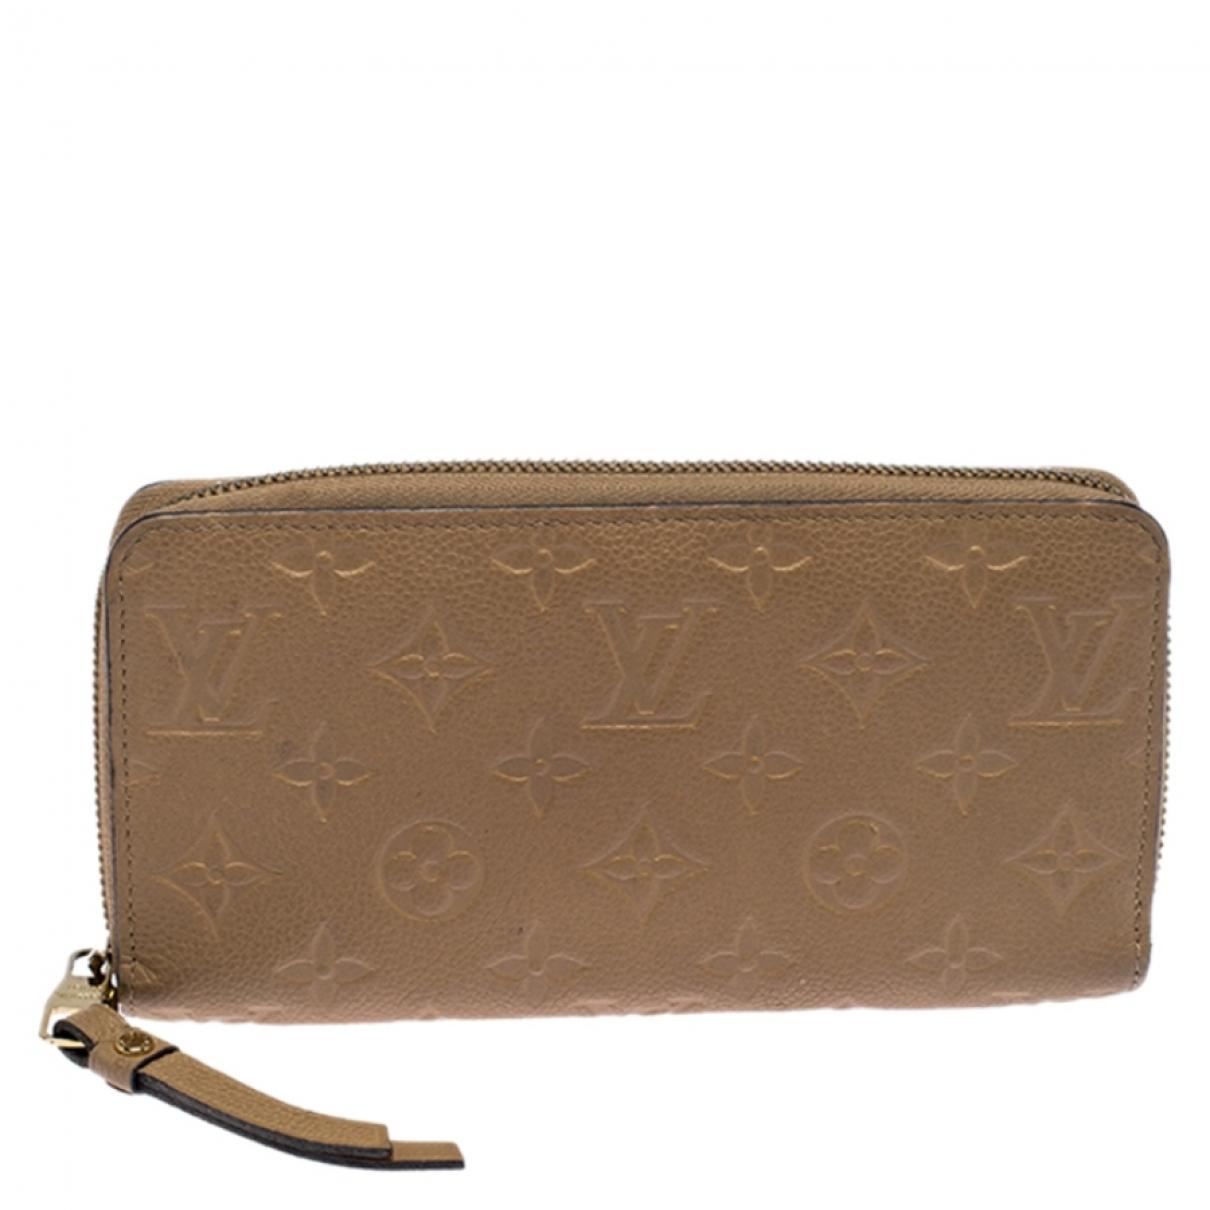 Louis Vuitton \N Beige Leather wallet for Women \N